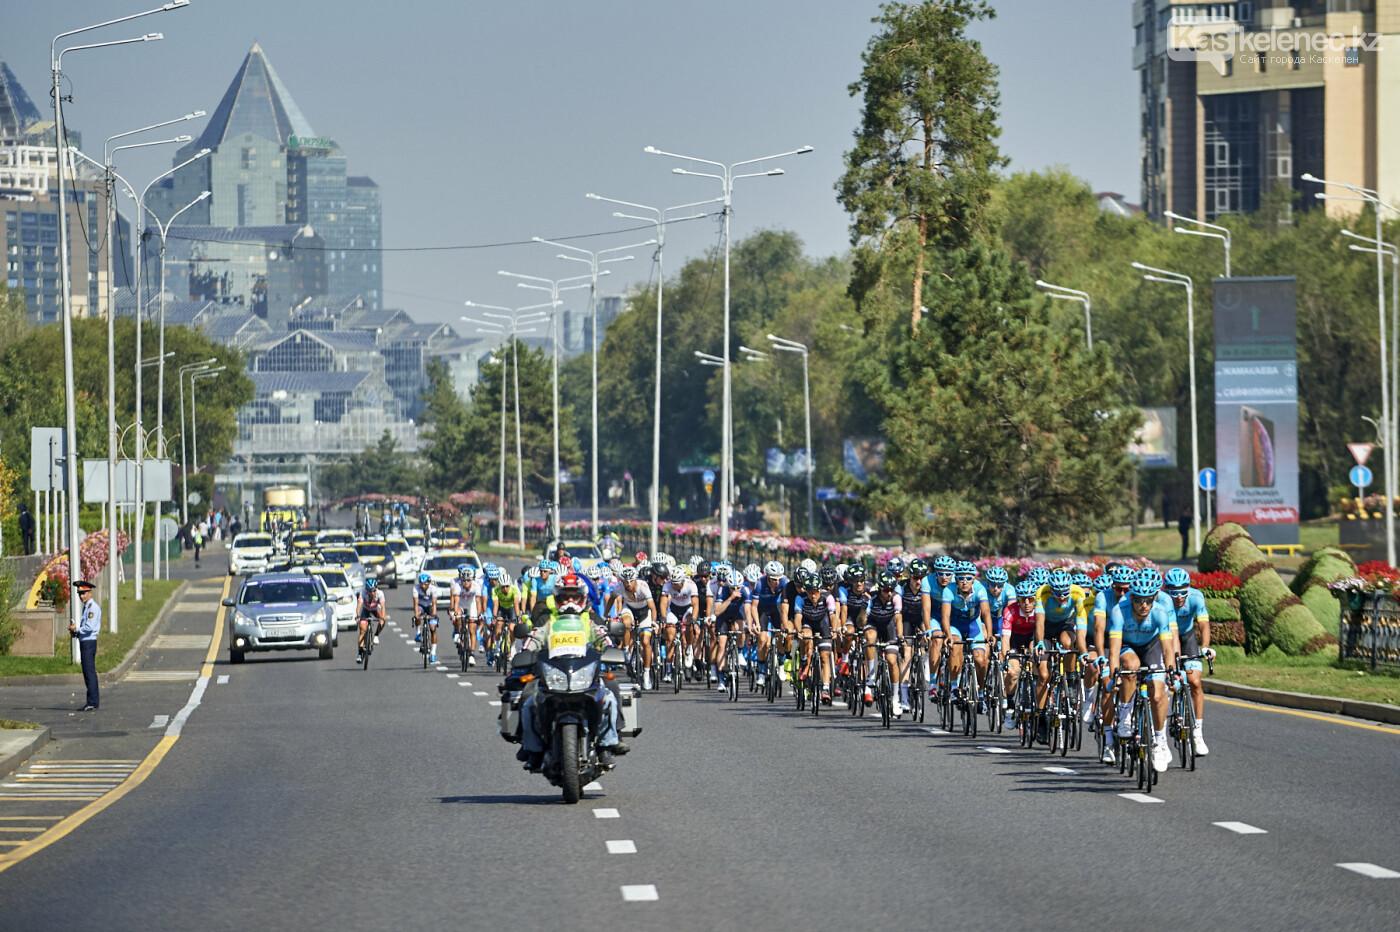 21 велокоманда выступит на профессиональной гонке Tour of Almaty-2019: город перекроют на День конституции, фото-3